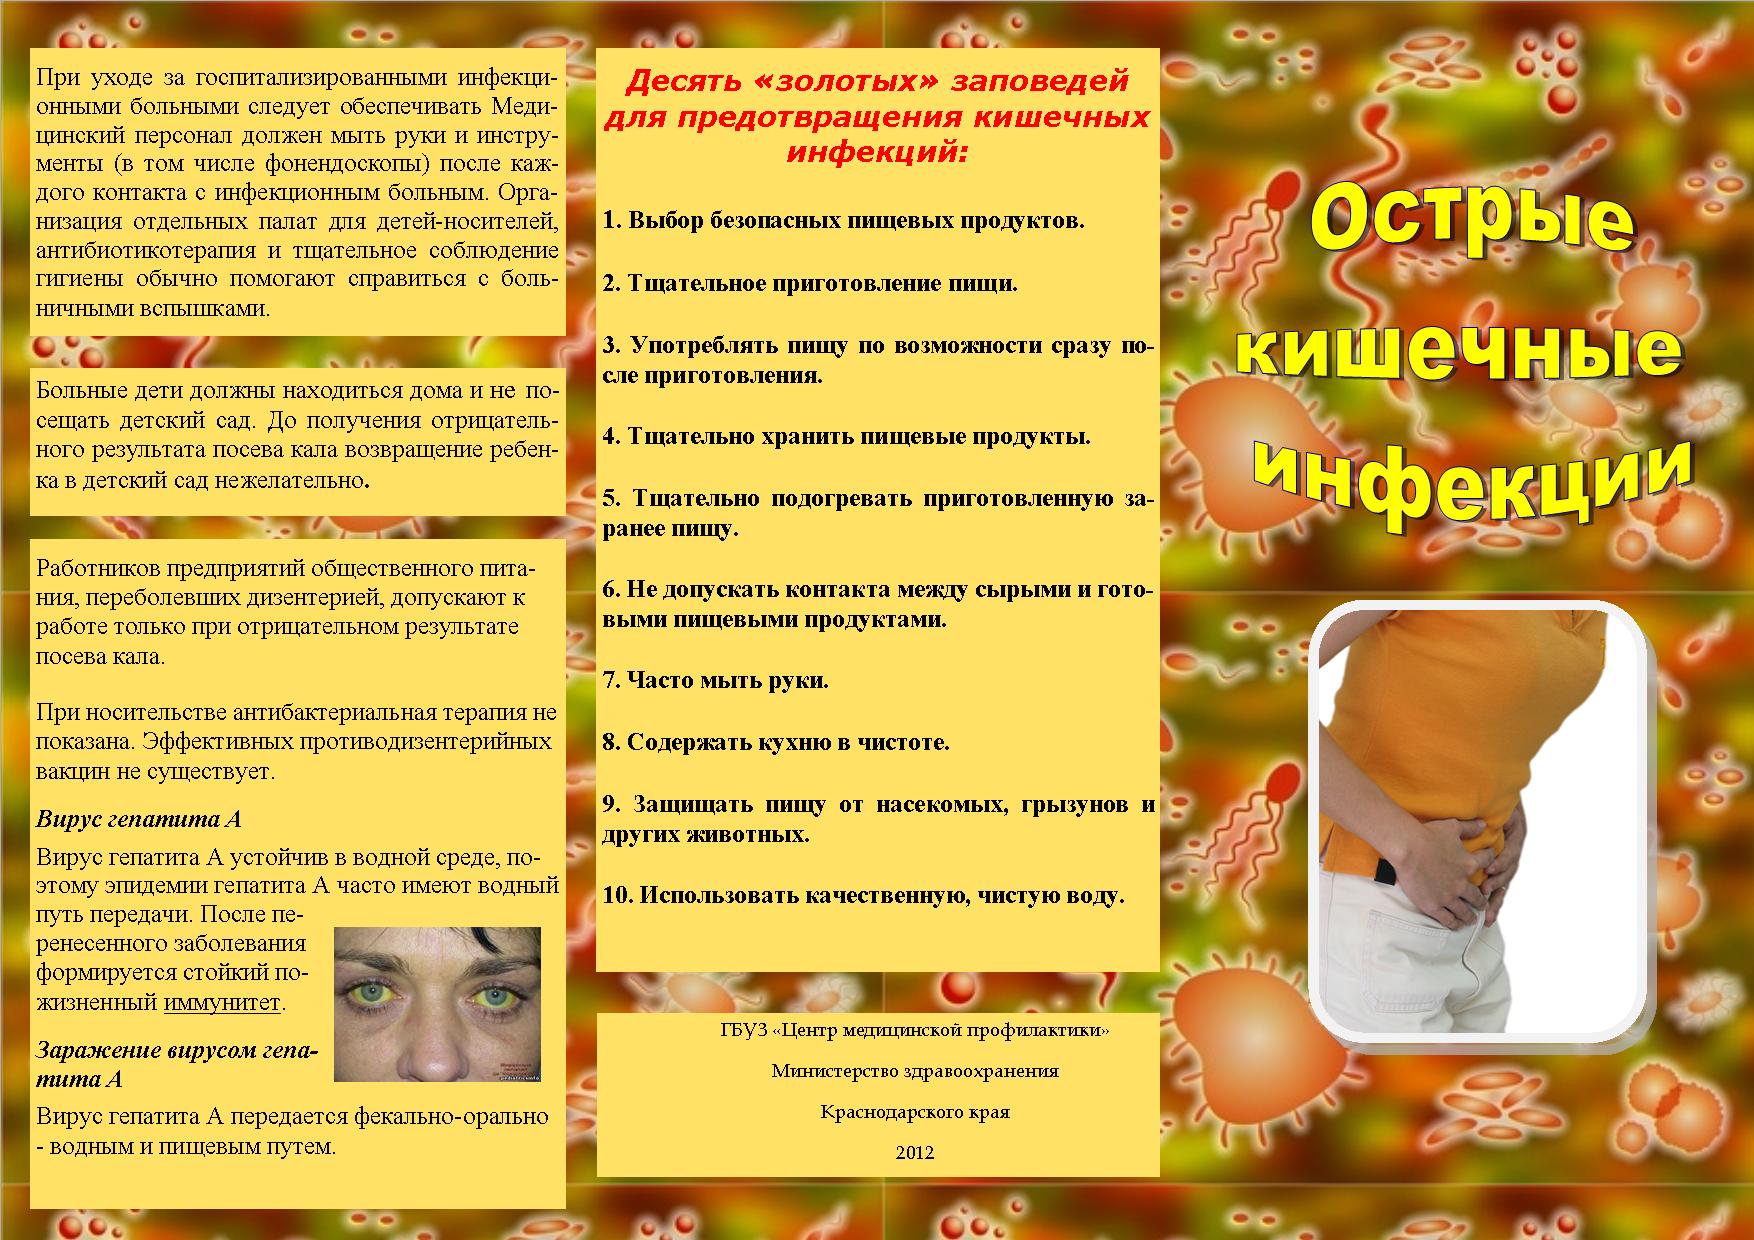 Кишечная инфекция у детей симптомы и лечение — proinfekcii.ru